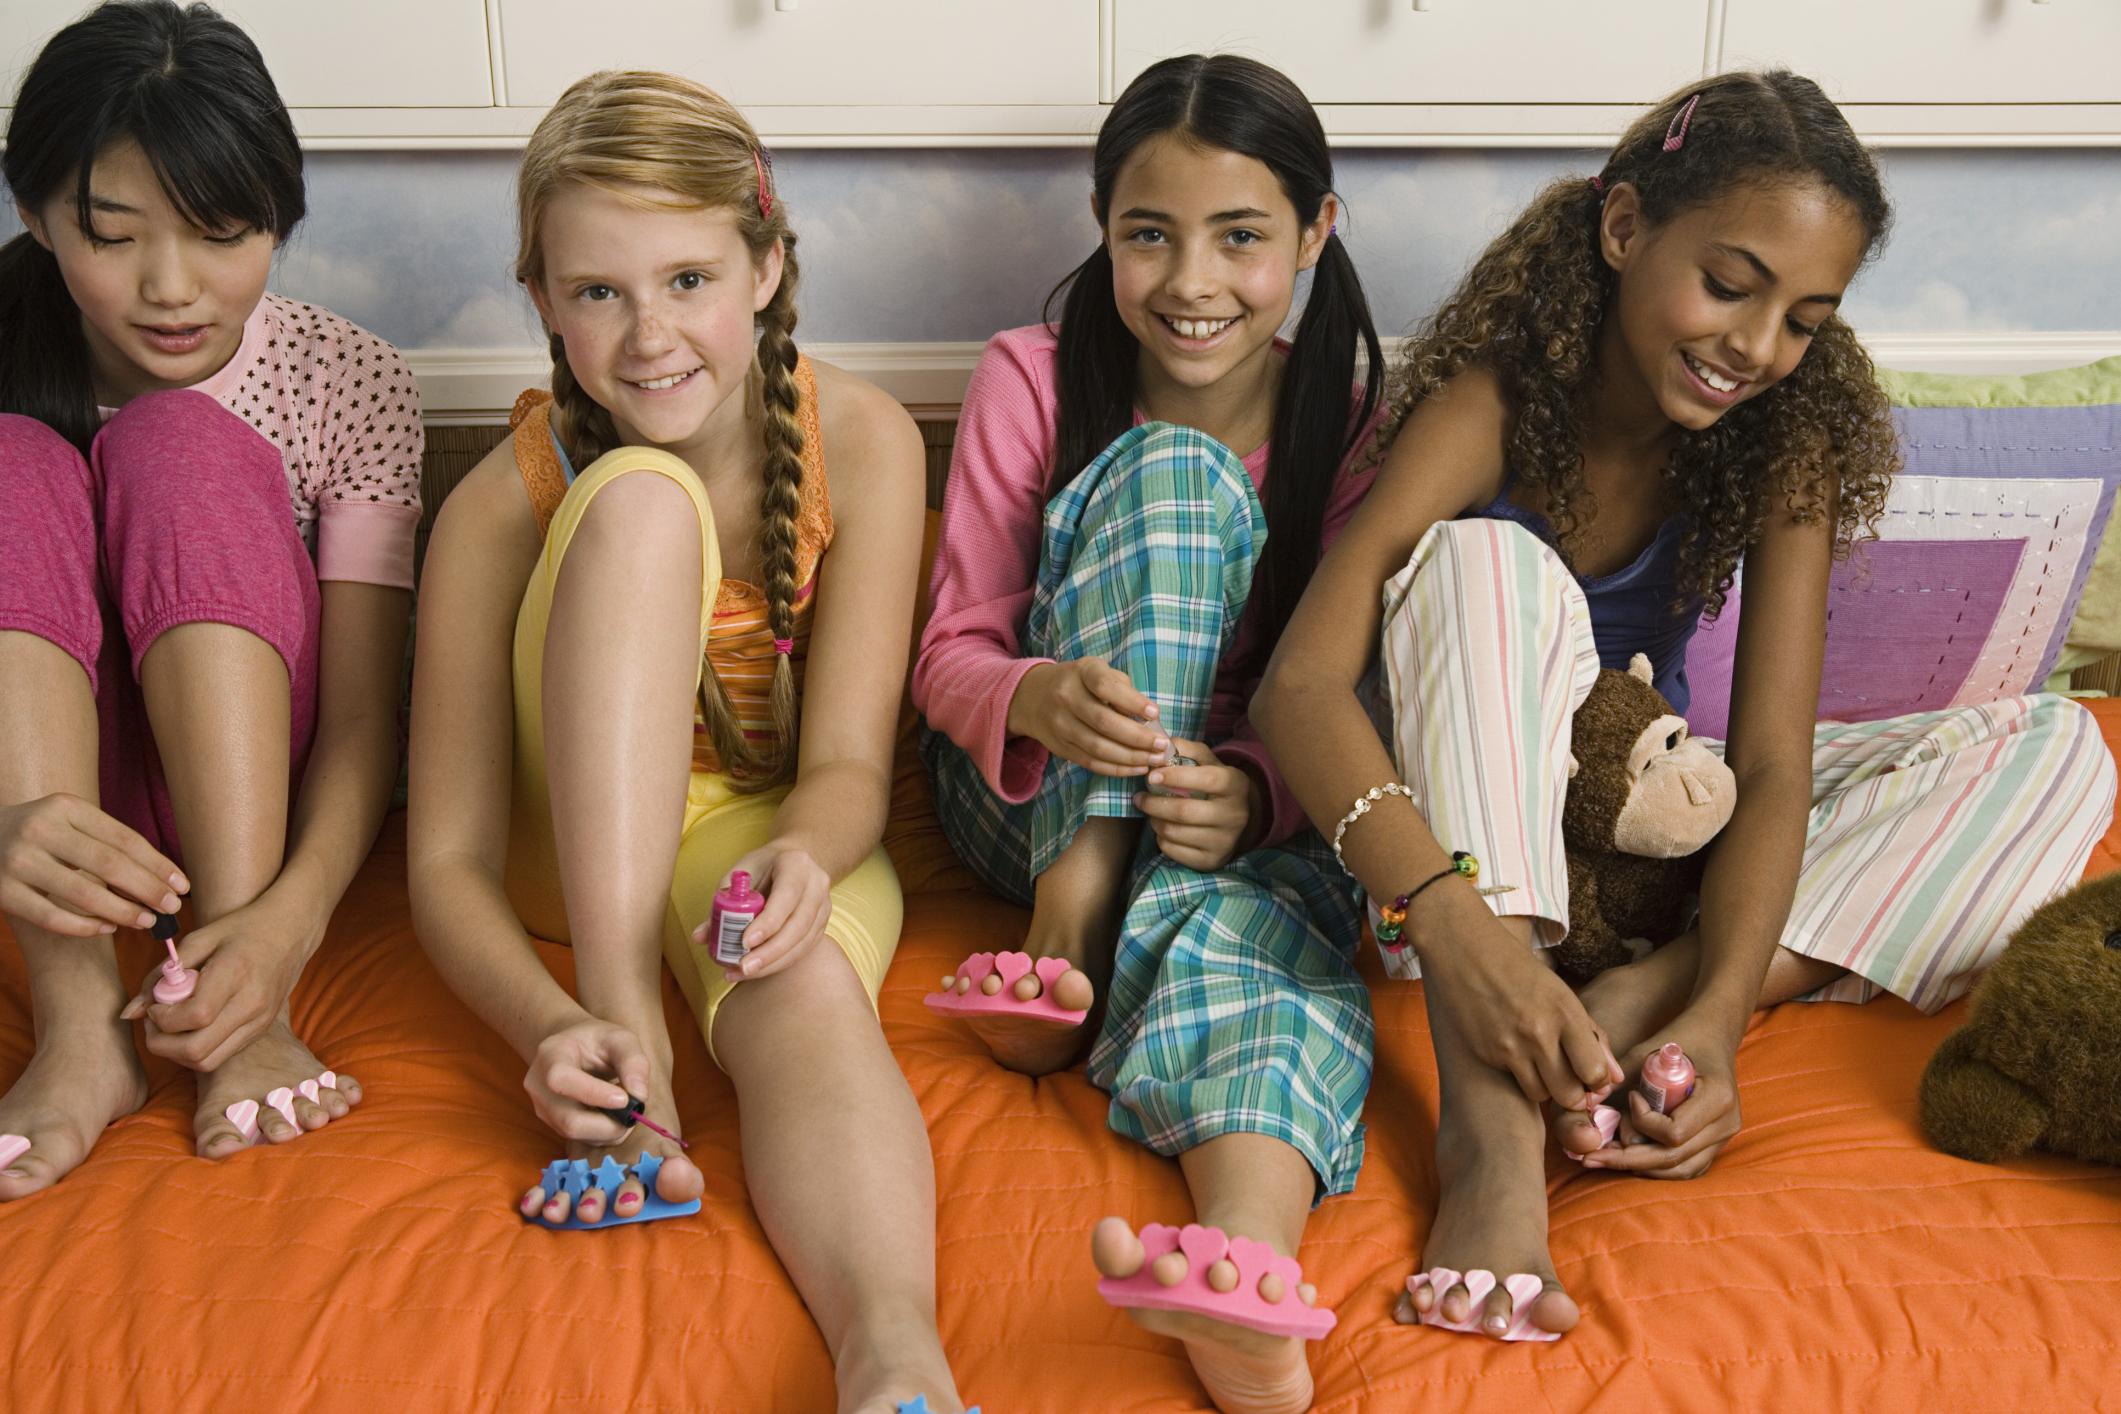 Qué Cosas Hacen Falta Para Una Fiesta De Spa De Chicas De 11